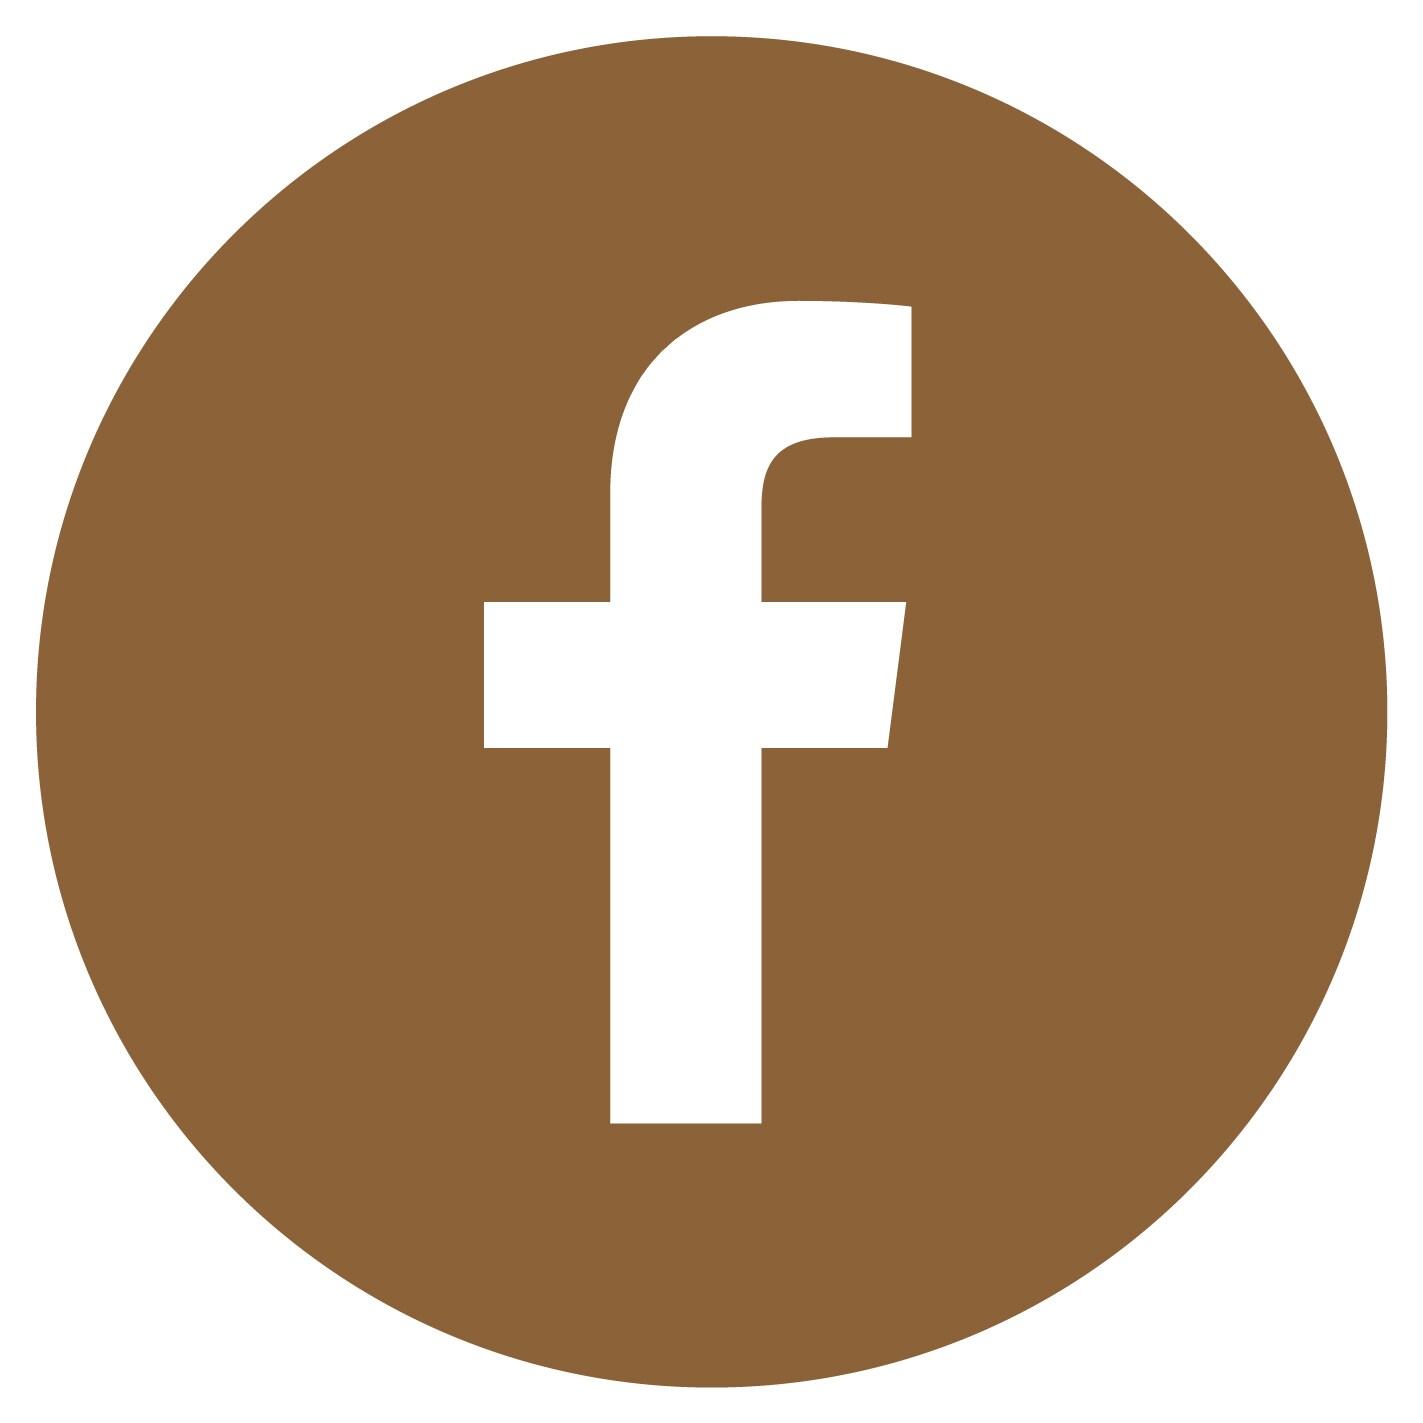 いも子の焼き芋&人力発電かき氷の阿佐美やFacebookPage